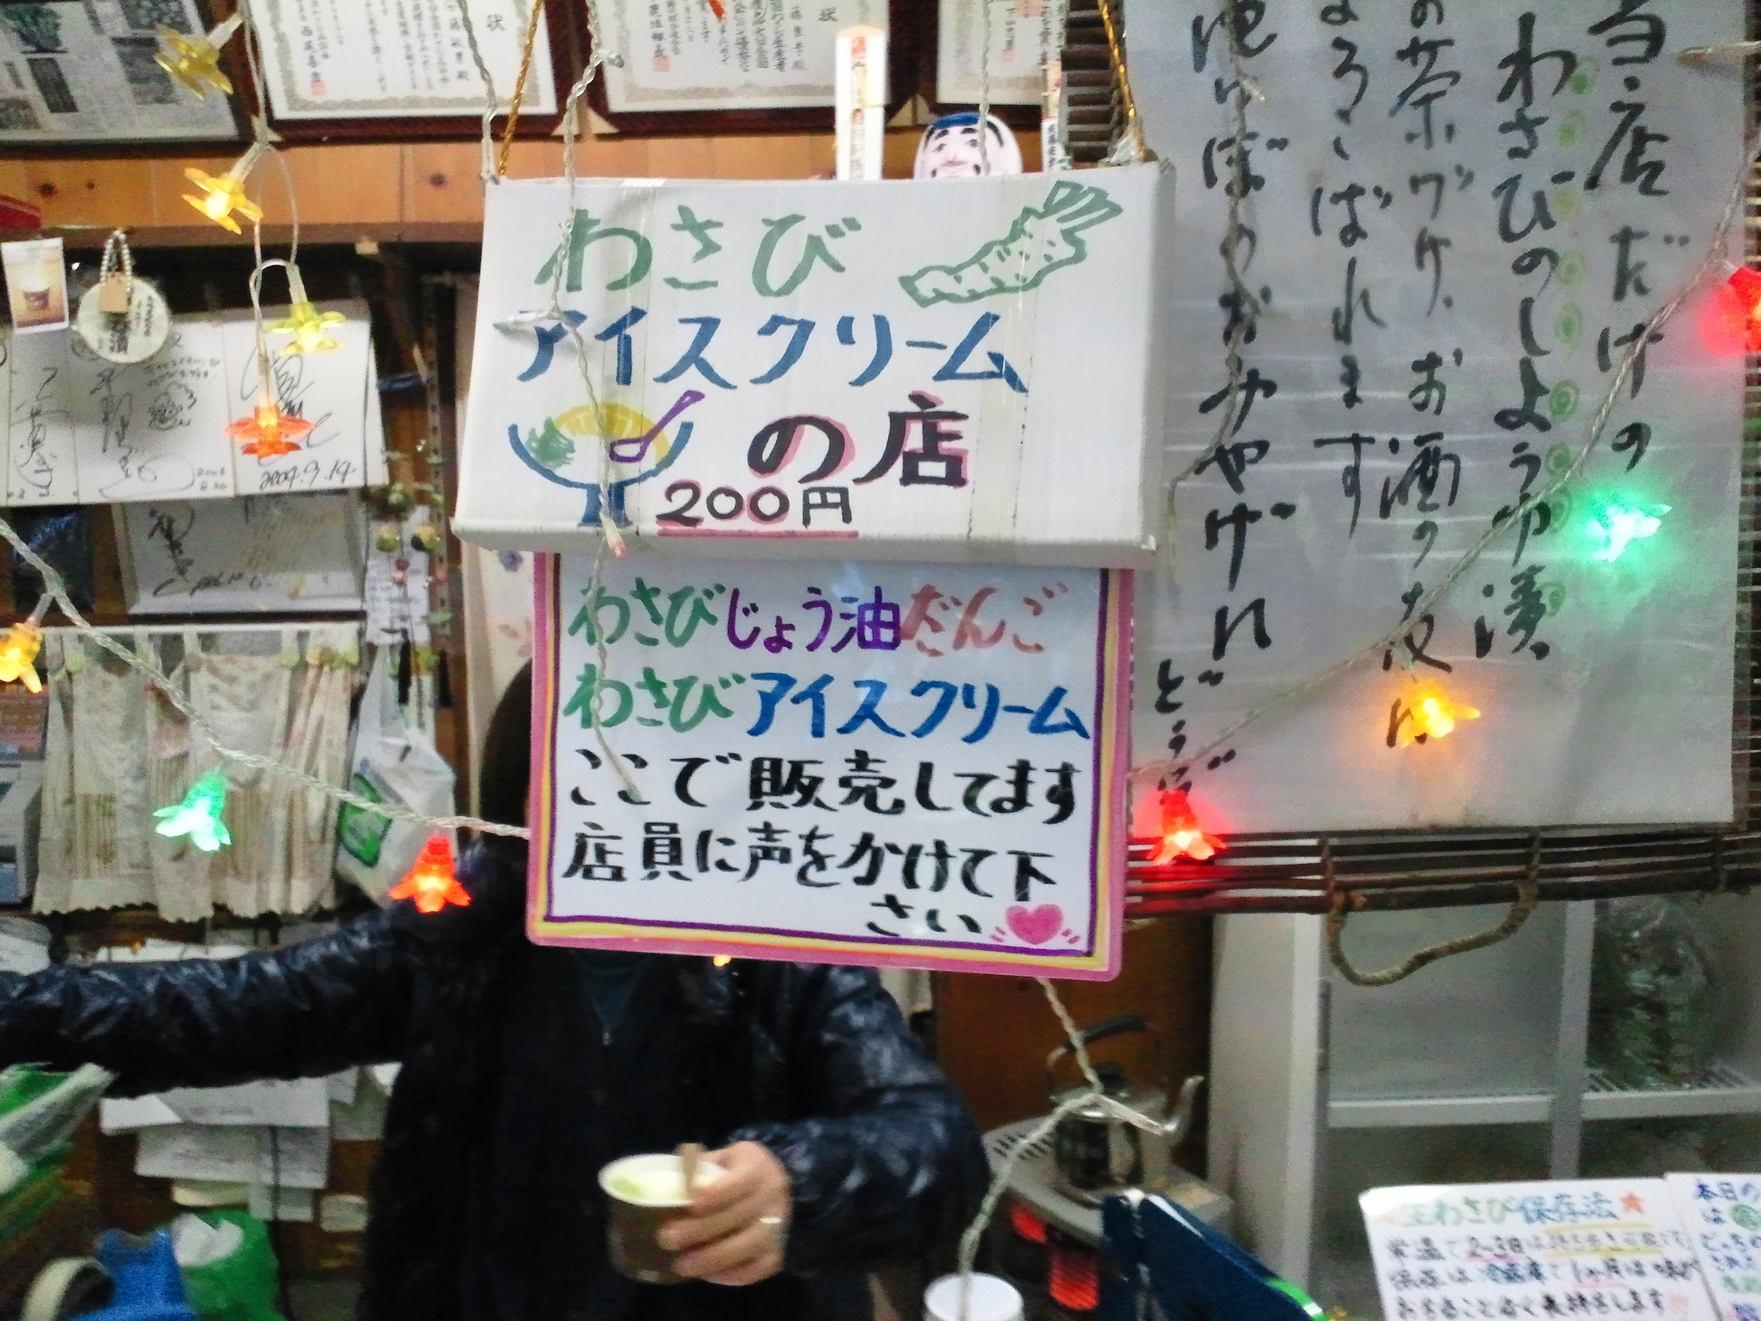 丸岩安藤わさび店 浄蓮の滝支店